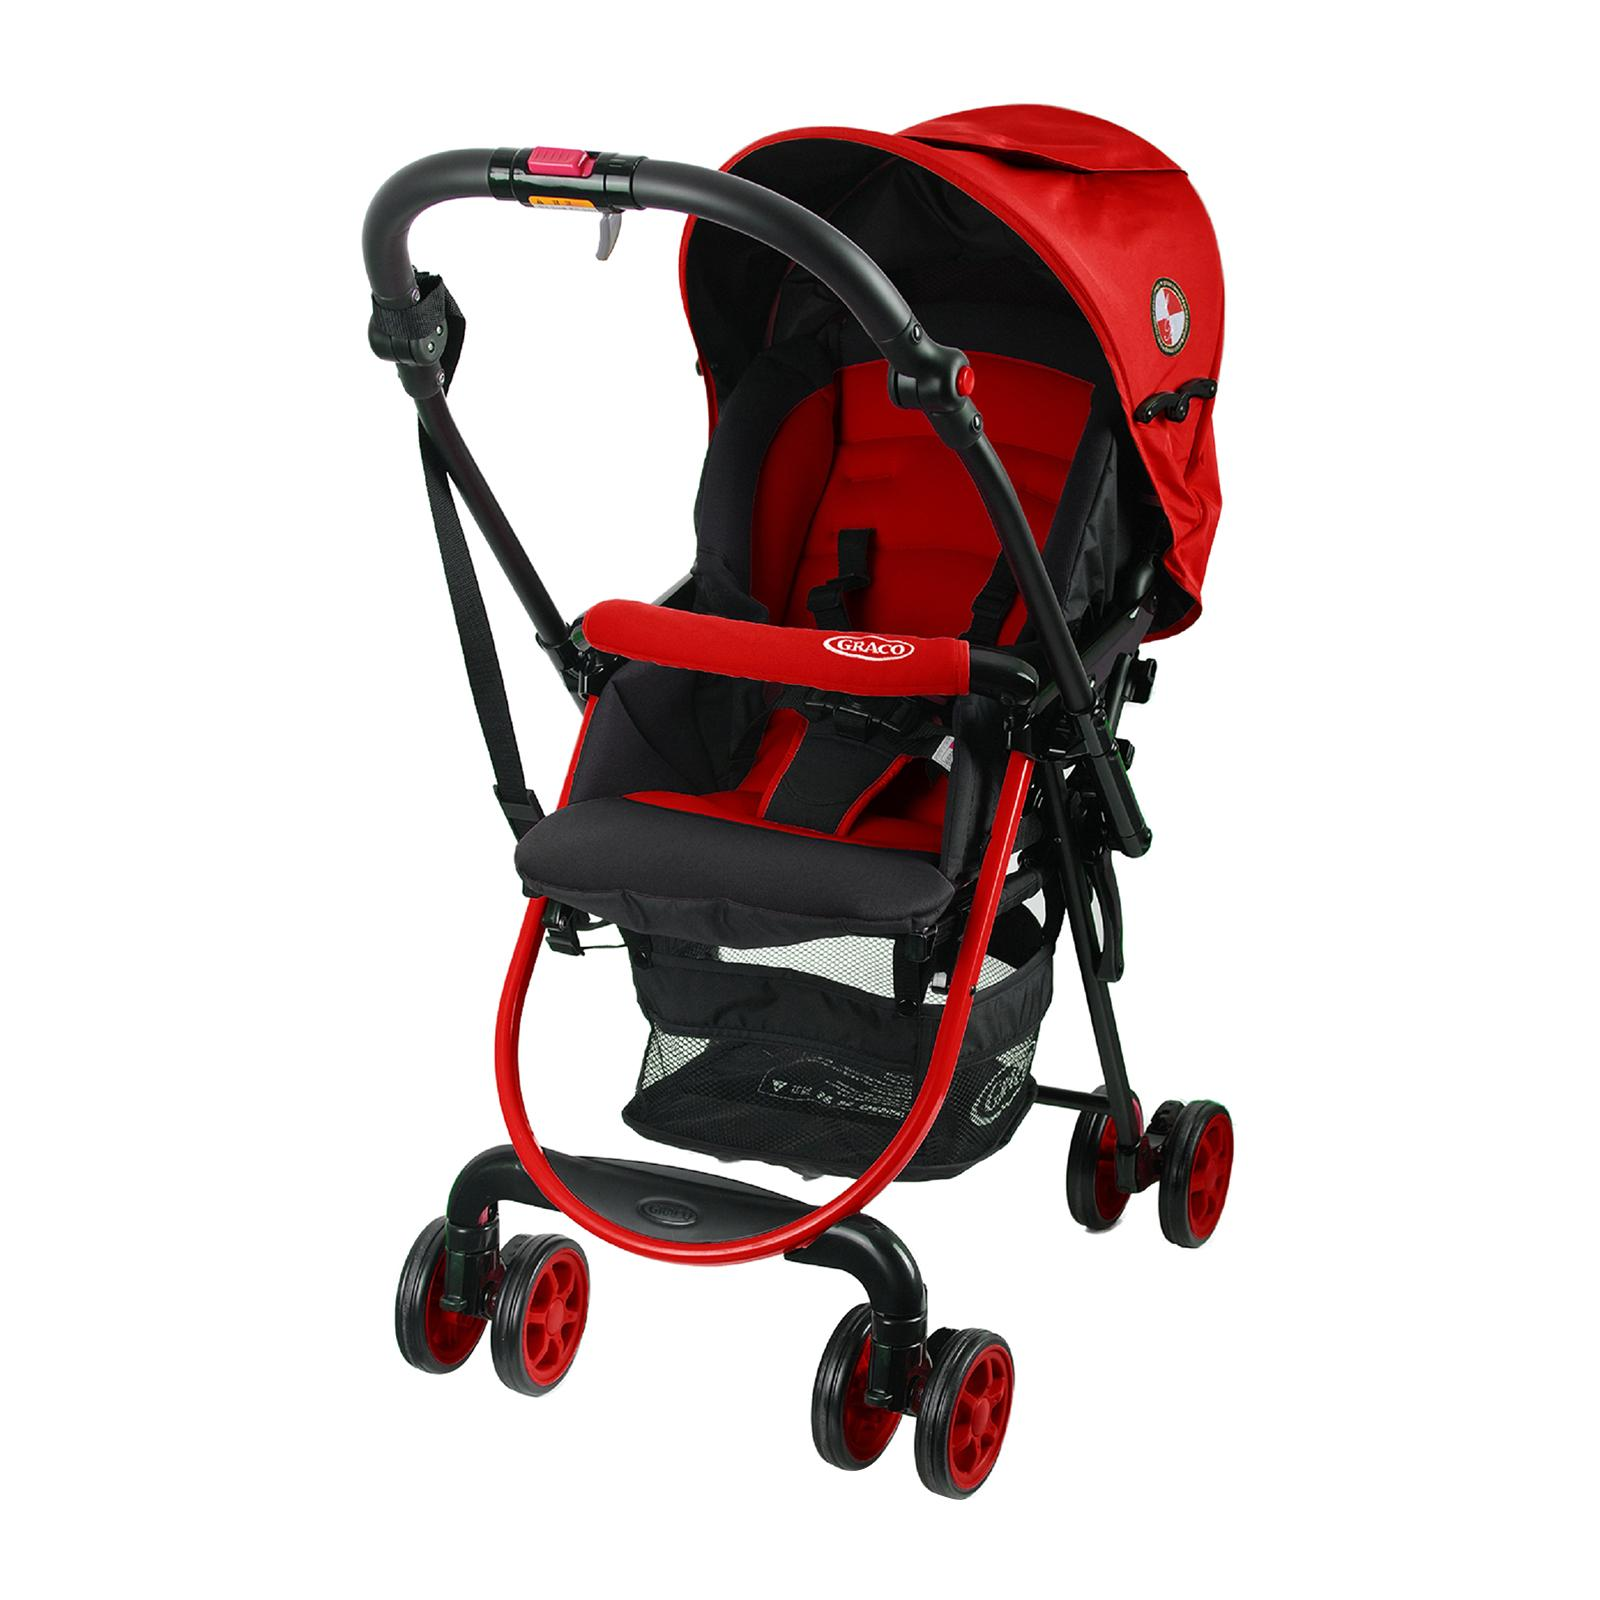 Graco Citilite R Stroller (62 Percent OFF)